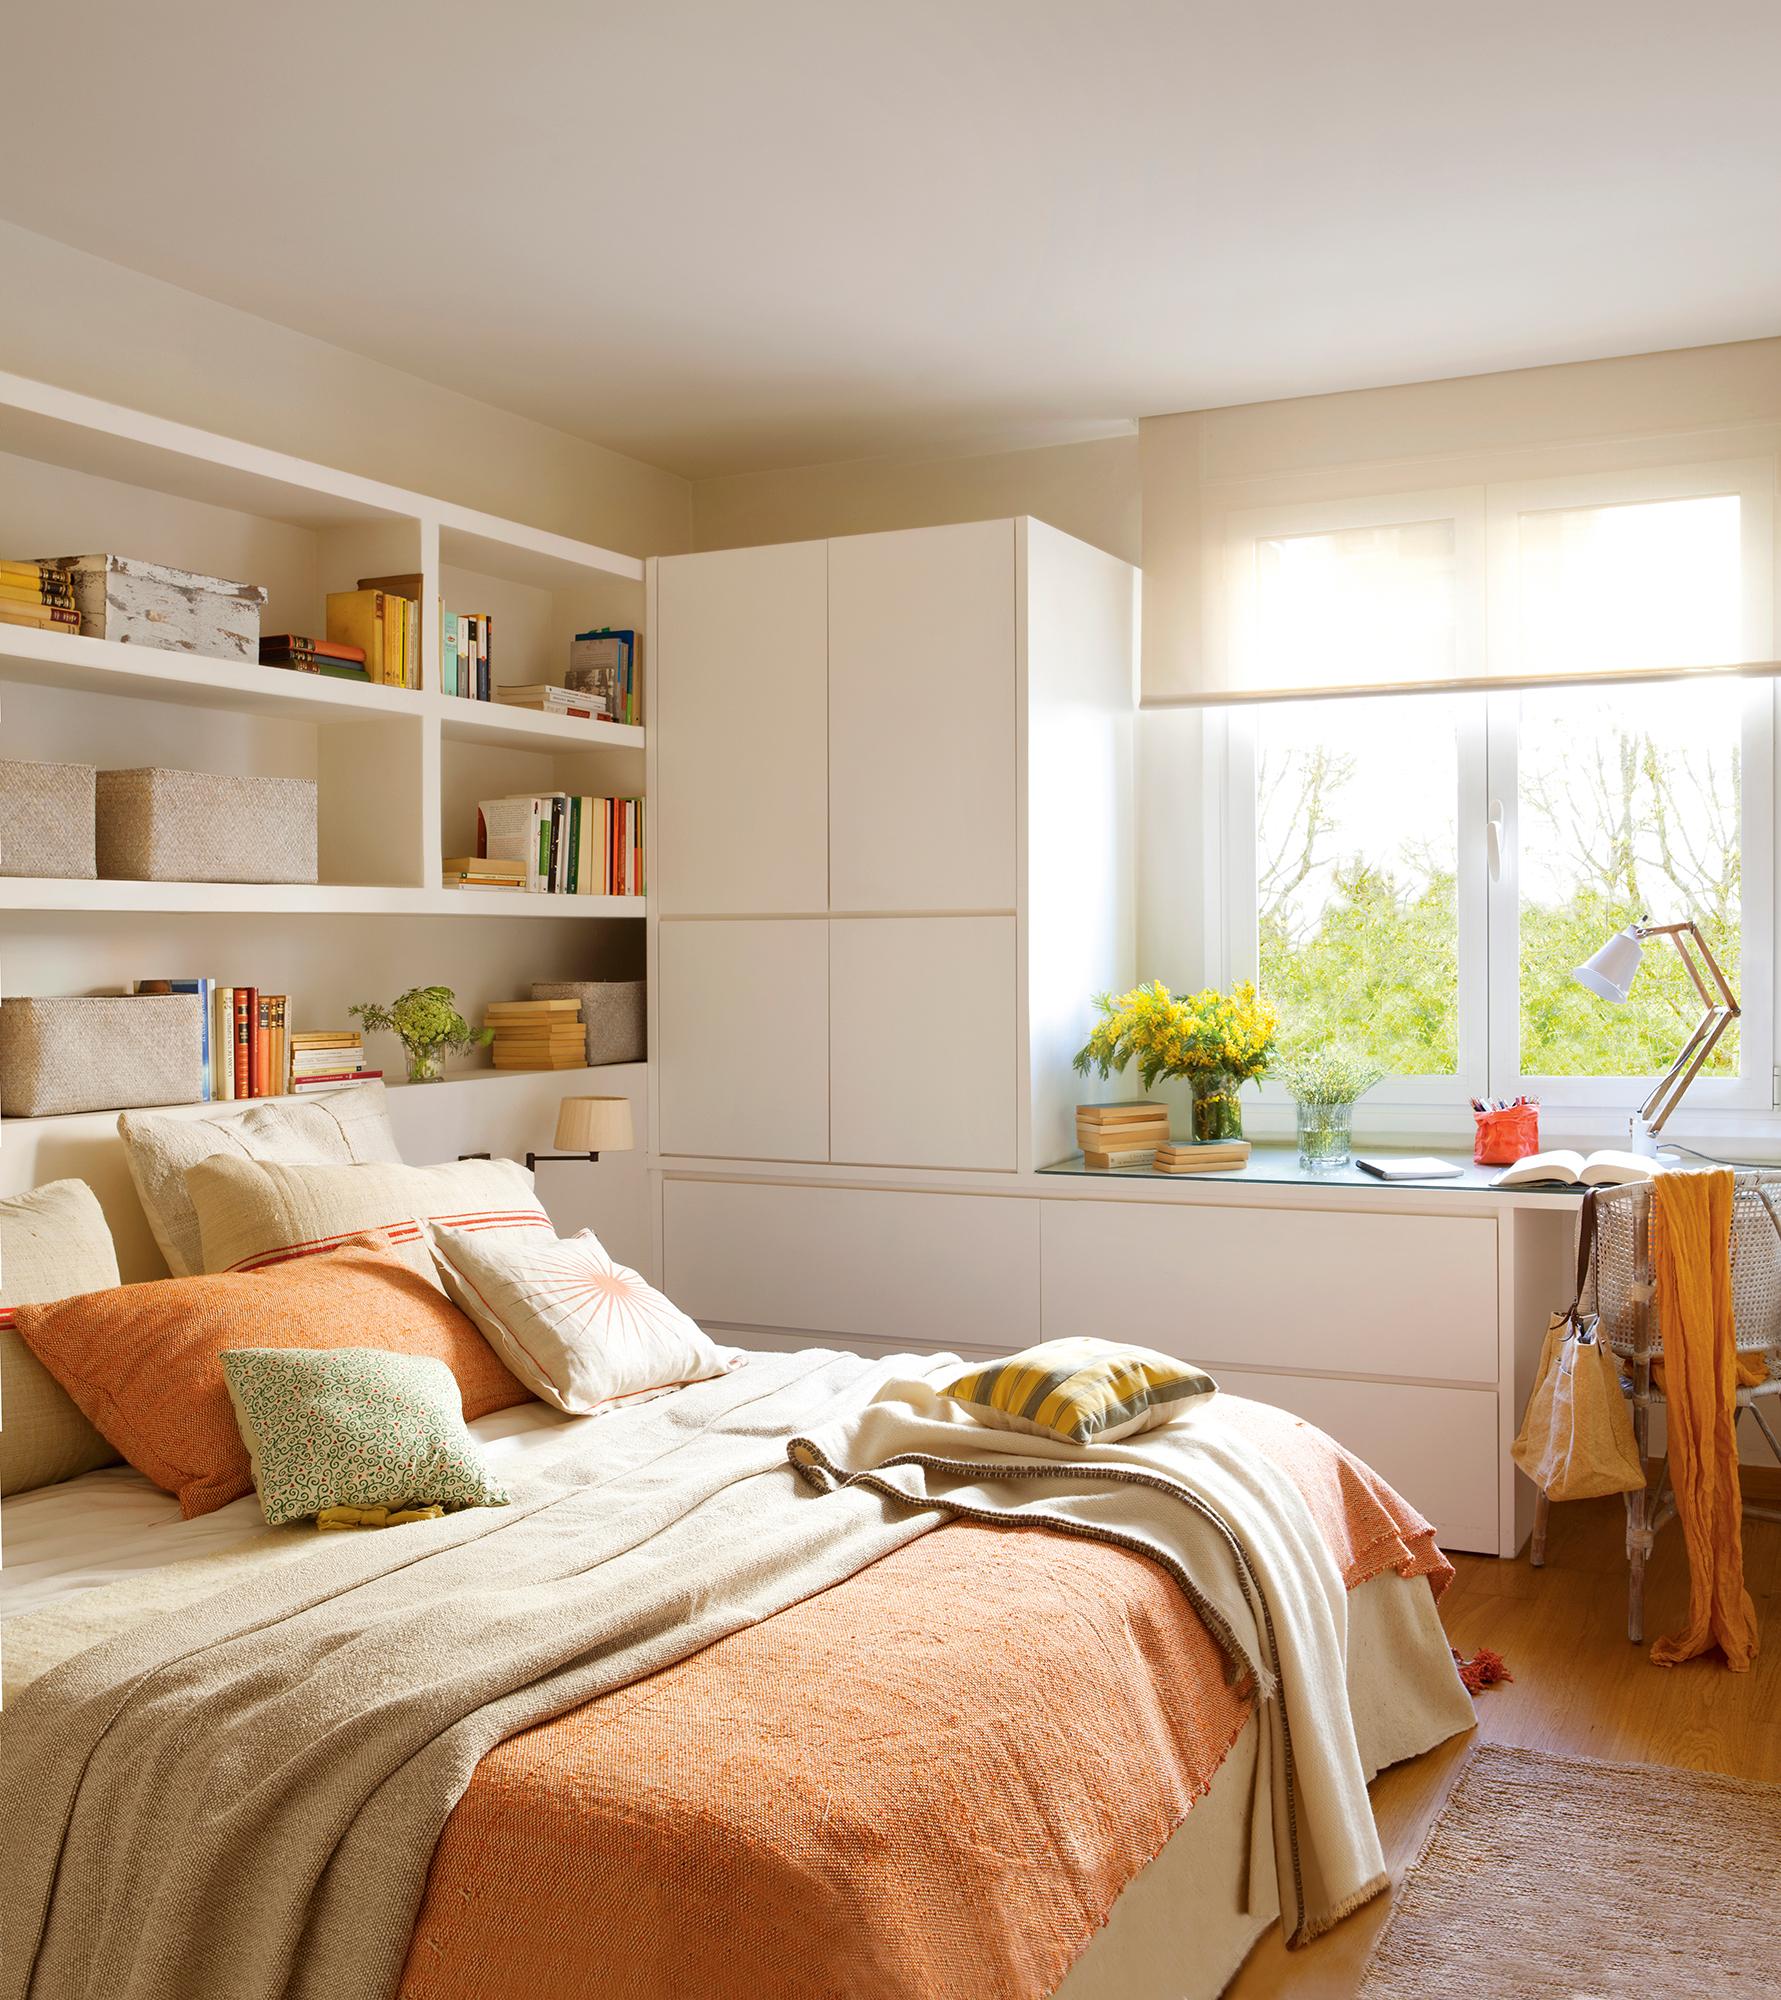 726 fotos de armarios - Dormitorio a medida ...